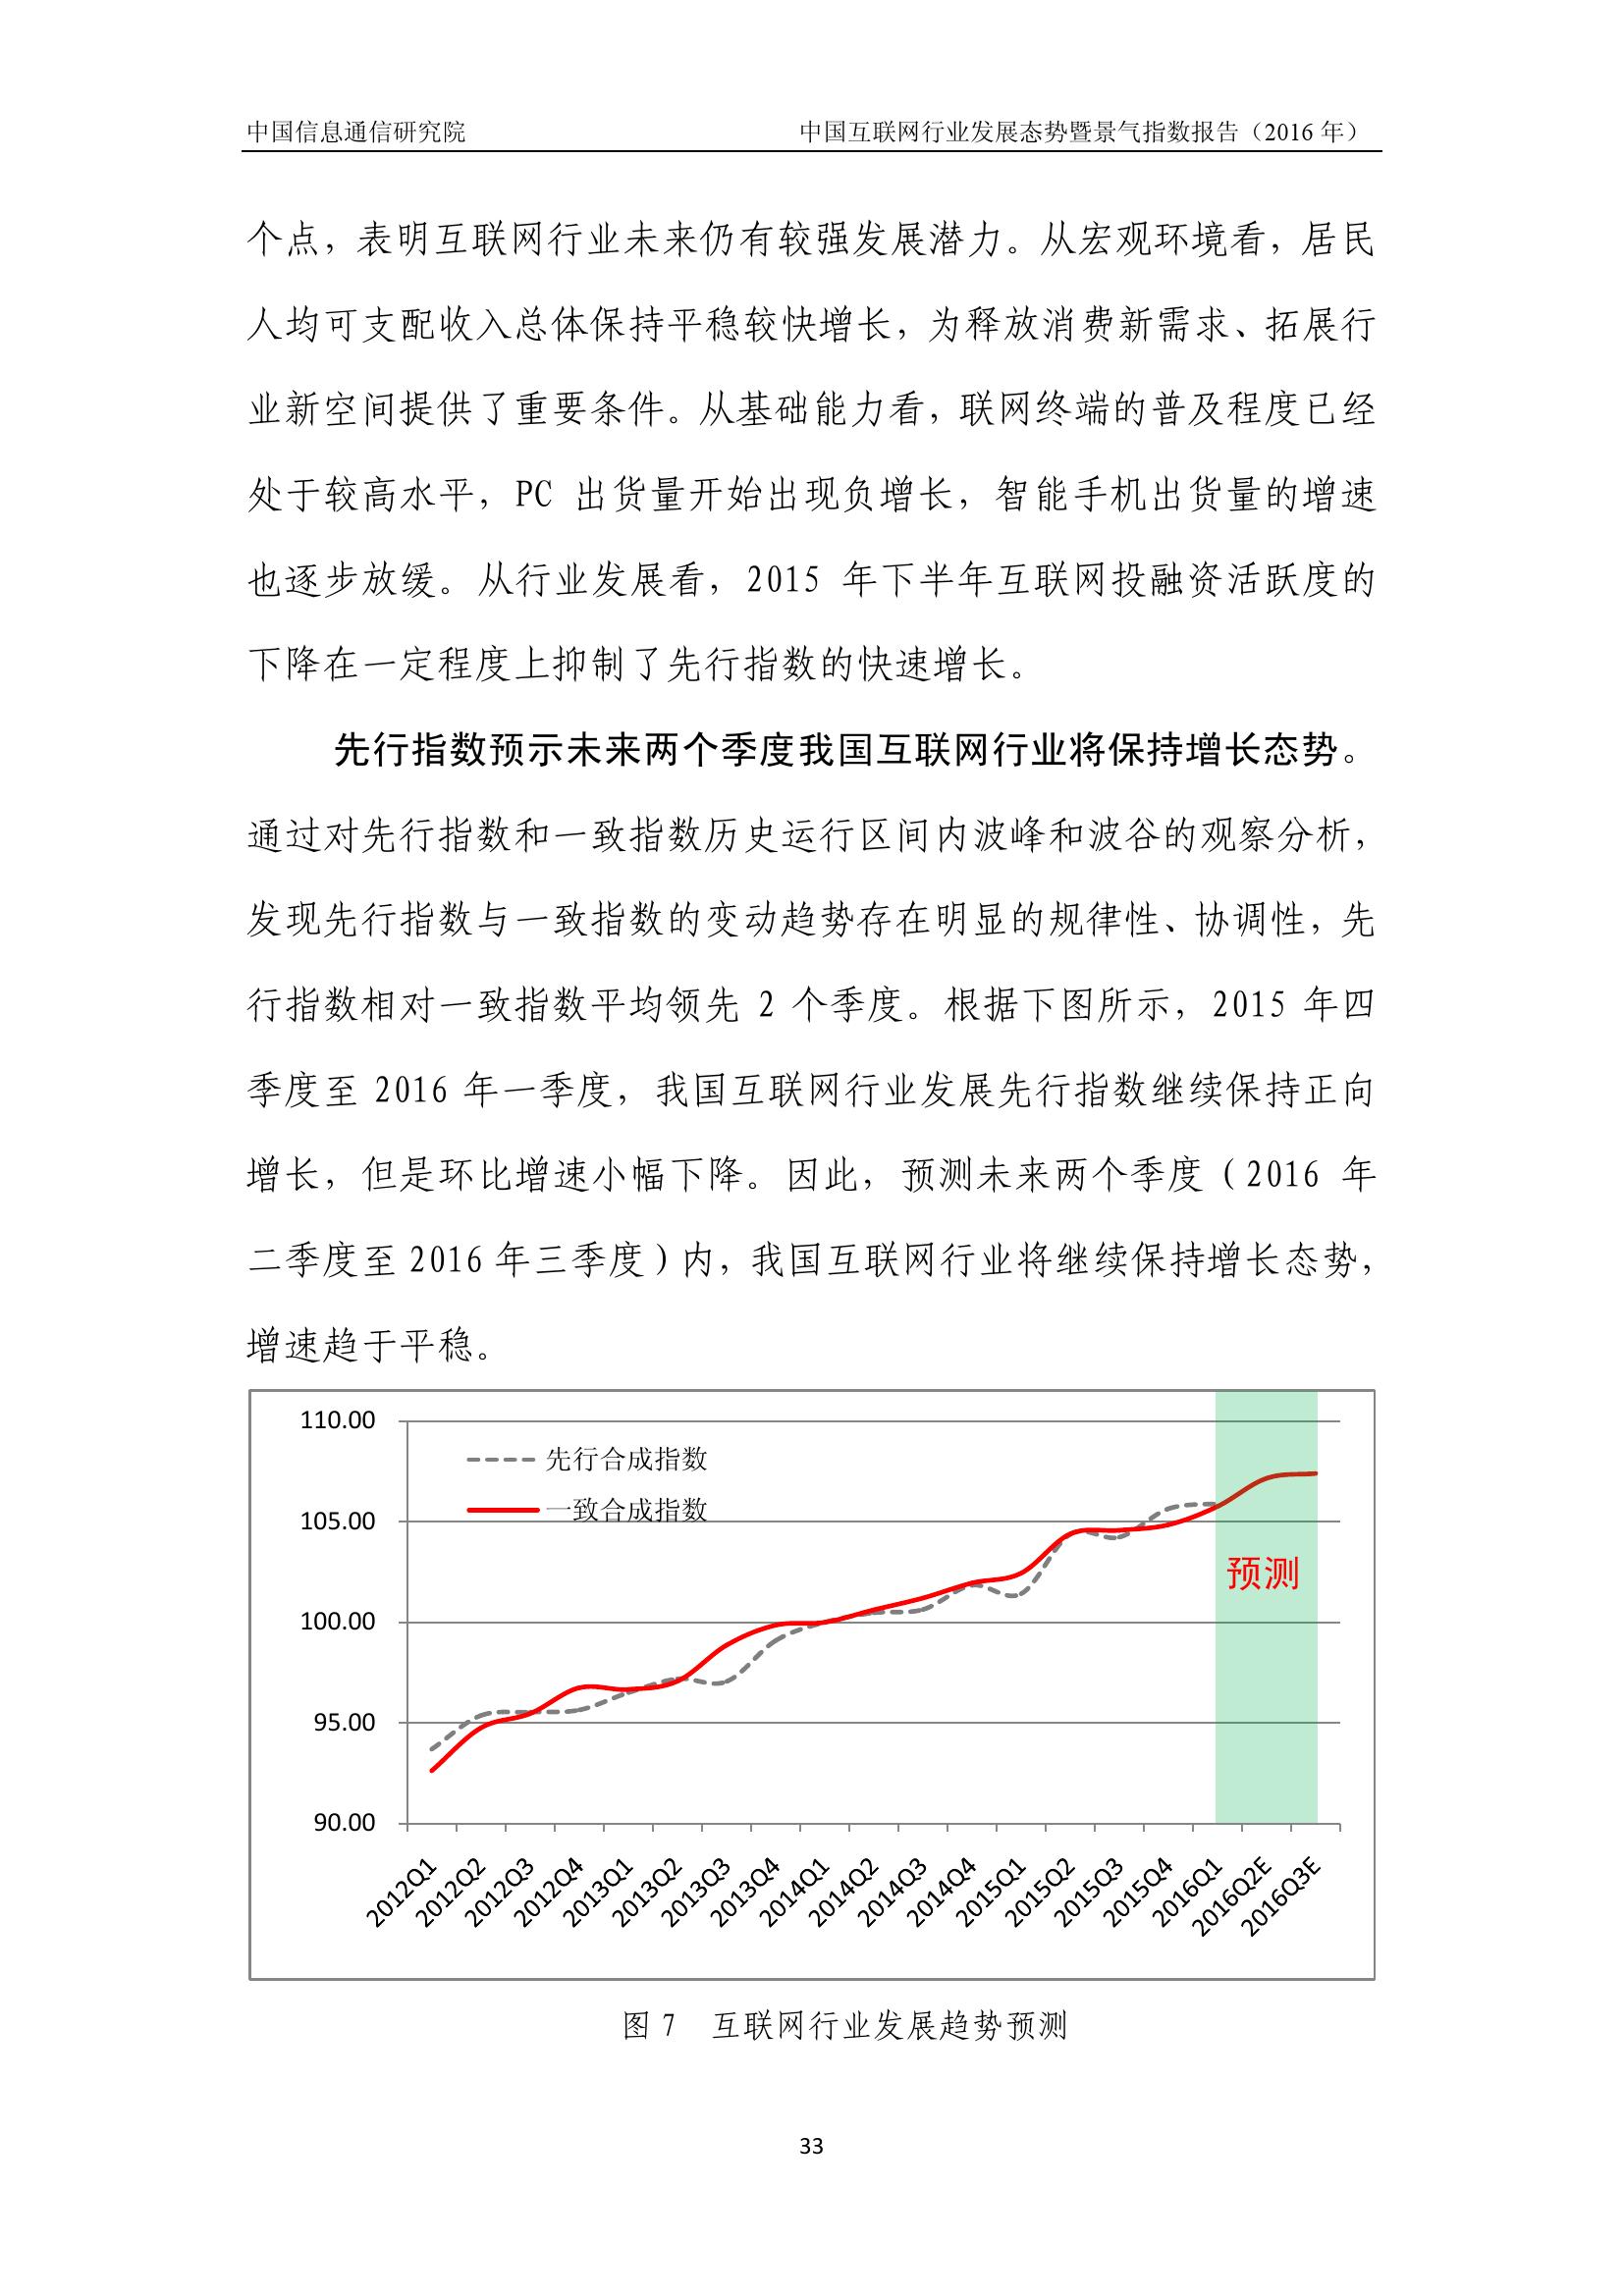 2016年中国互联网行业发展态势暨景气指数报告_000037